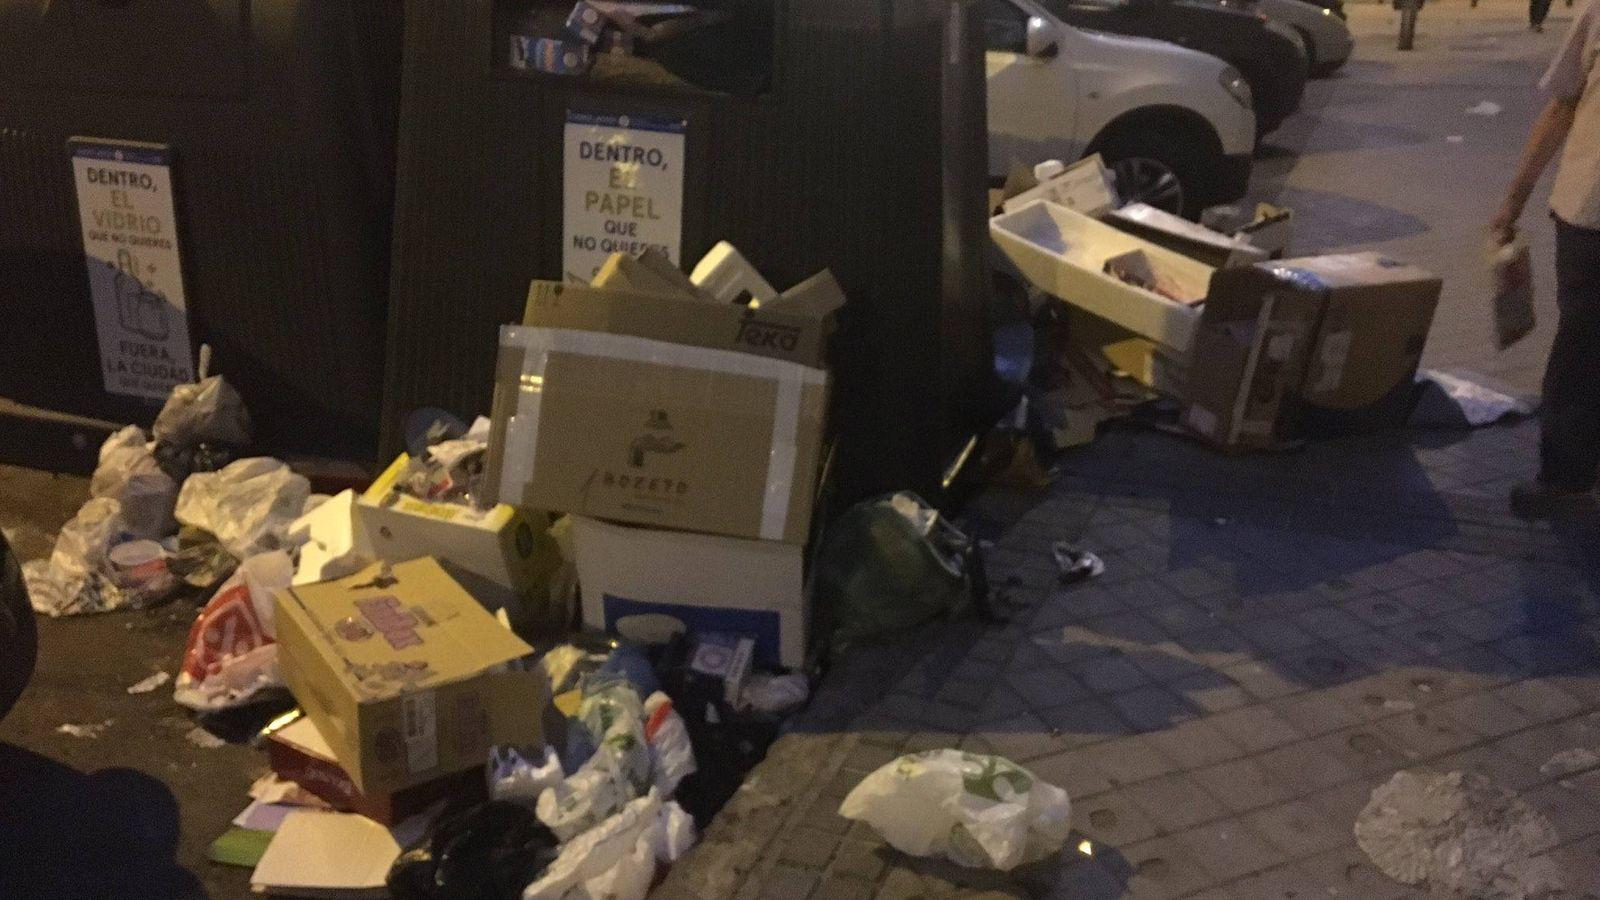 Foto: Basura tirada alrededor de contenedores en una calle de Madrid.